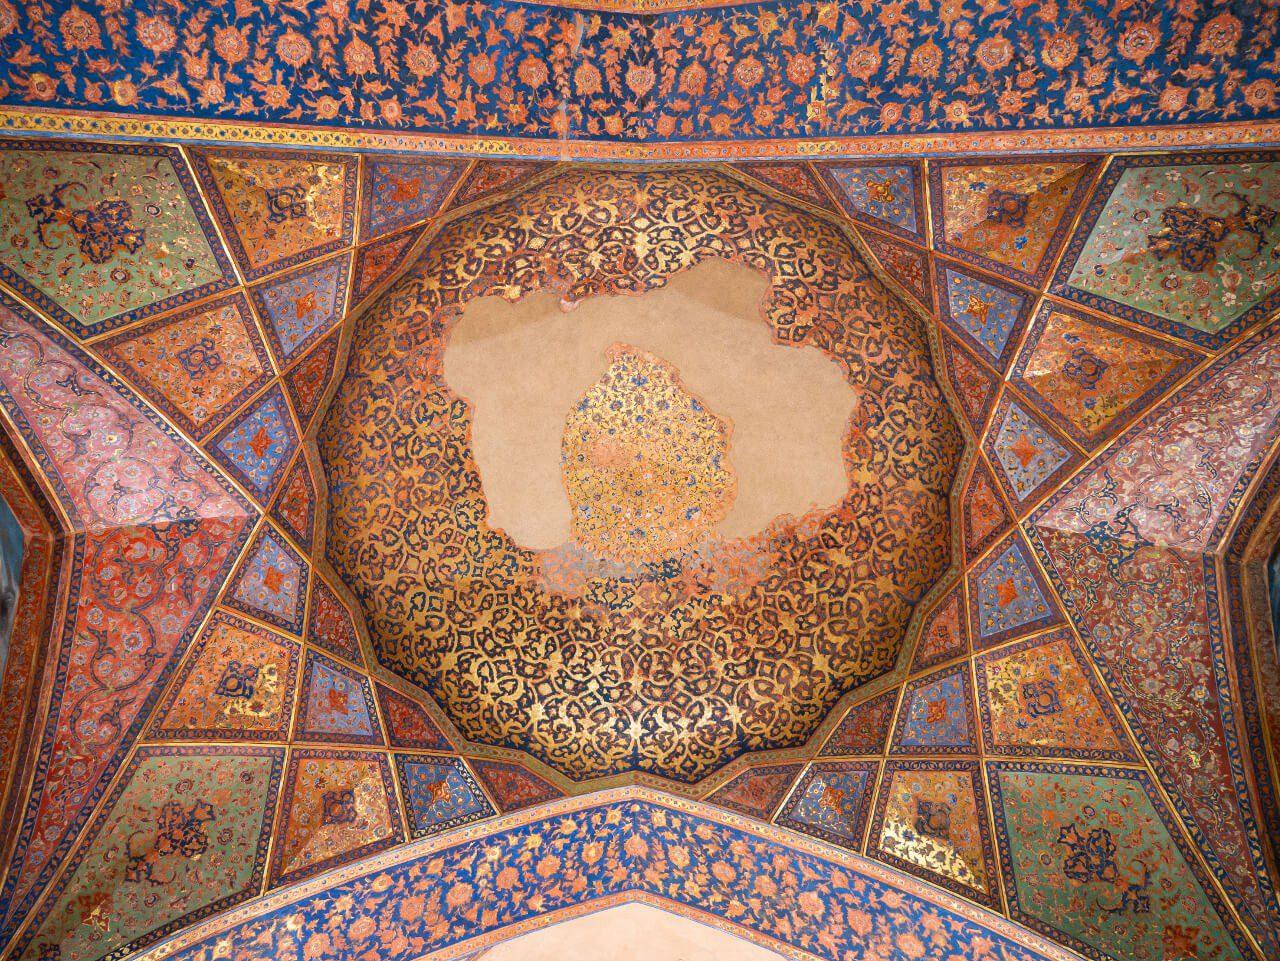 Sklepienie w Pałacu Czterdziestu Kolumn w Isfahan